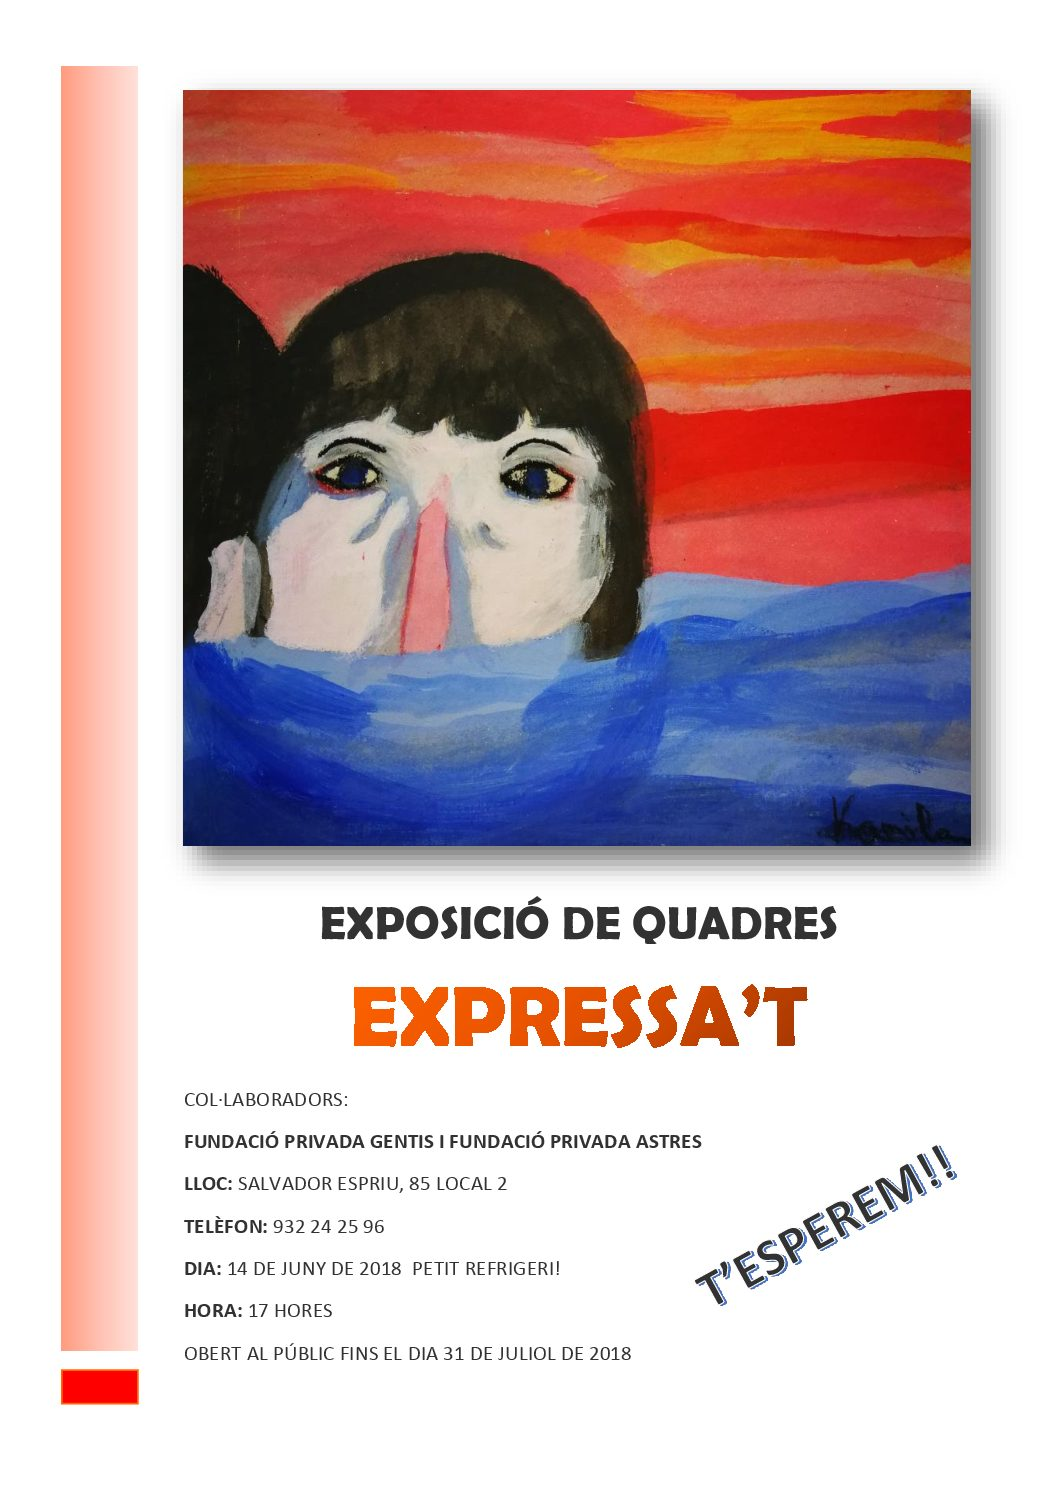 Expressa't, exposició de quadres a la seu de Gentis de Salvador Espriu